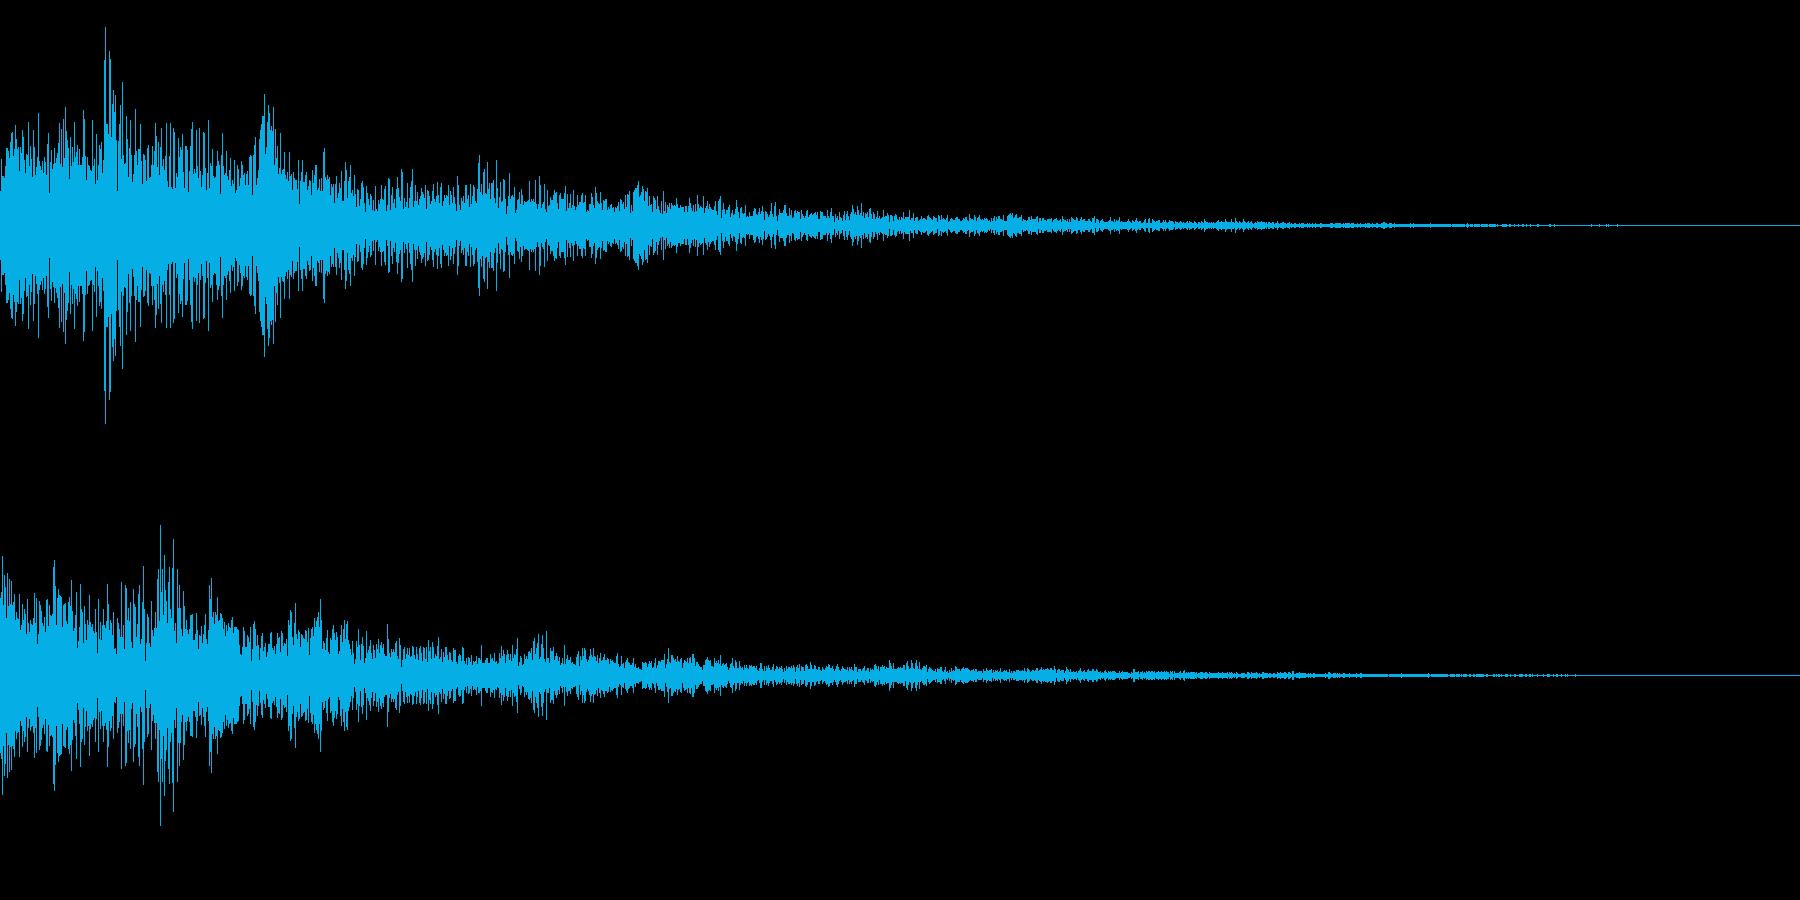 テロップ音(映像、ニュース、報道など)1の再生済みの波形